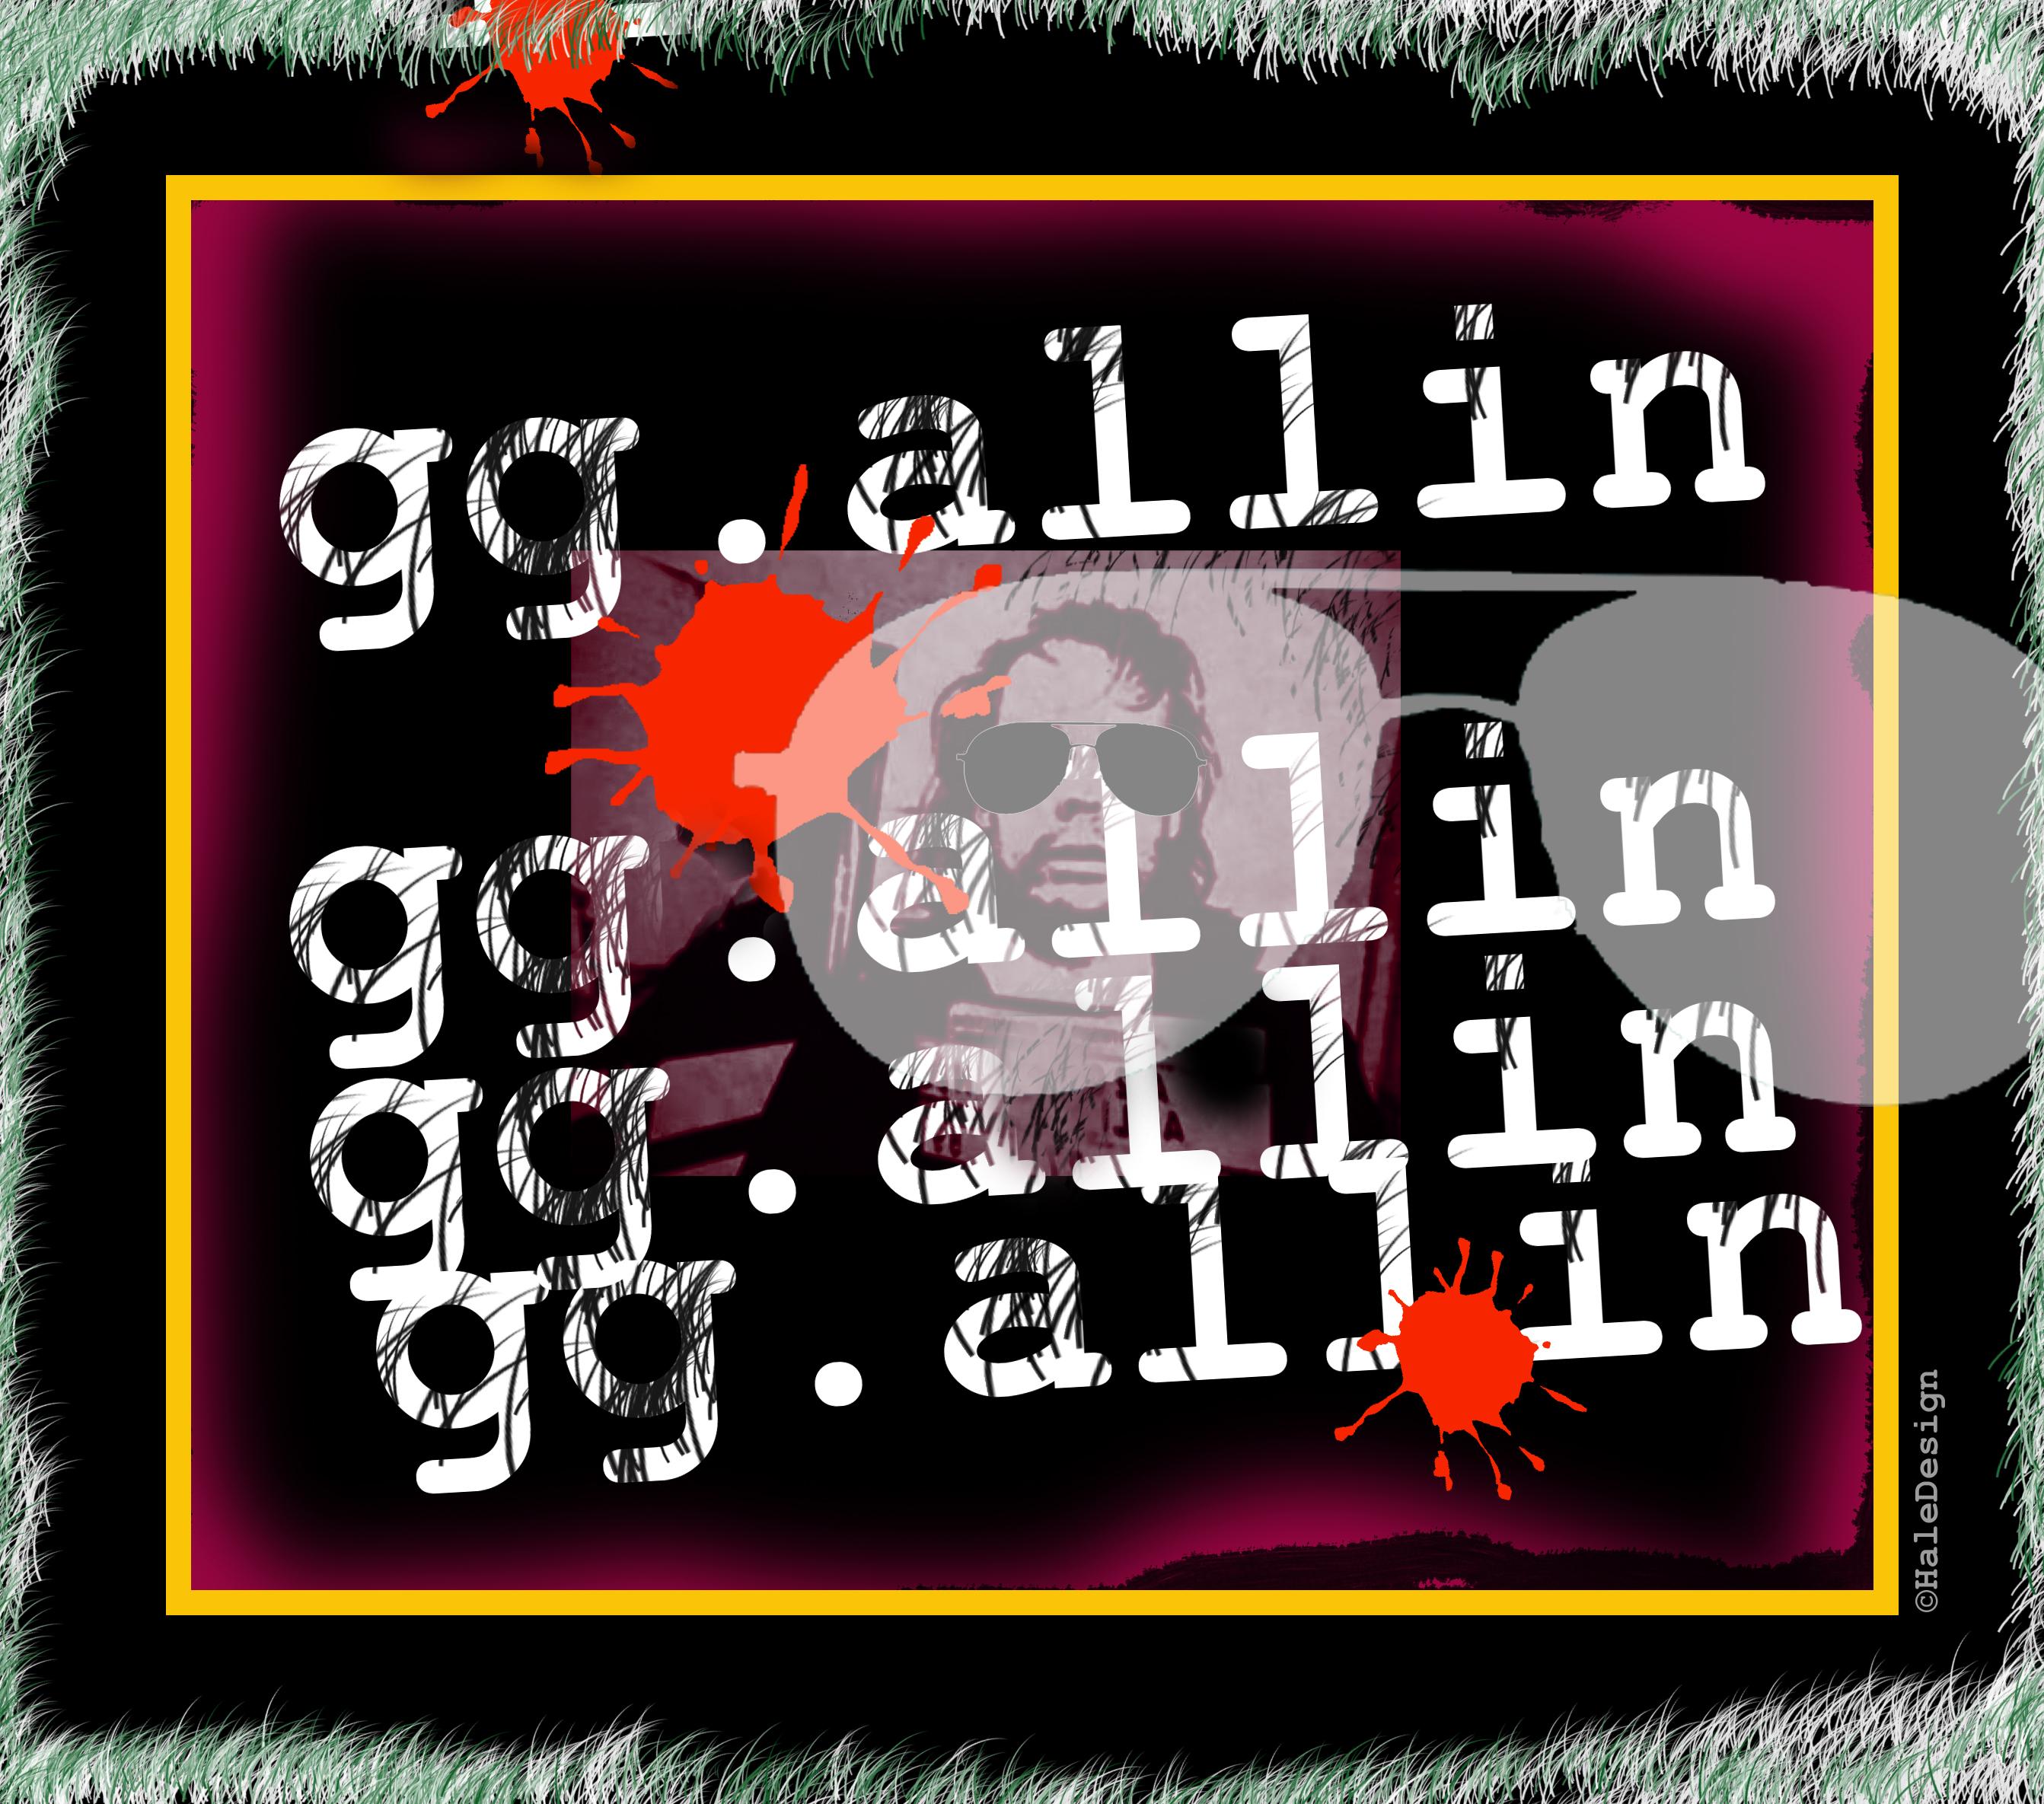 GG ALLIN (Punk Rocker)